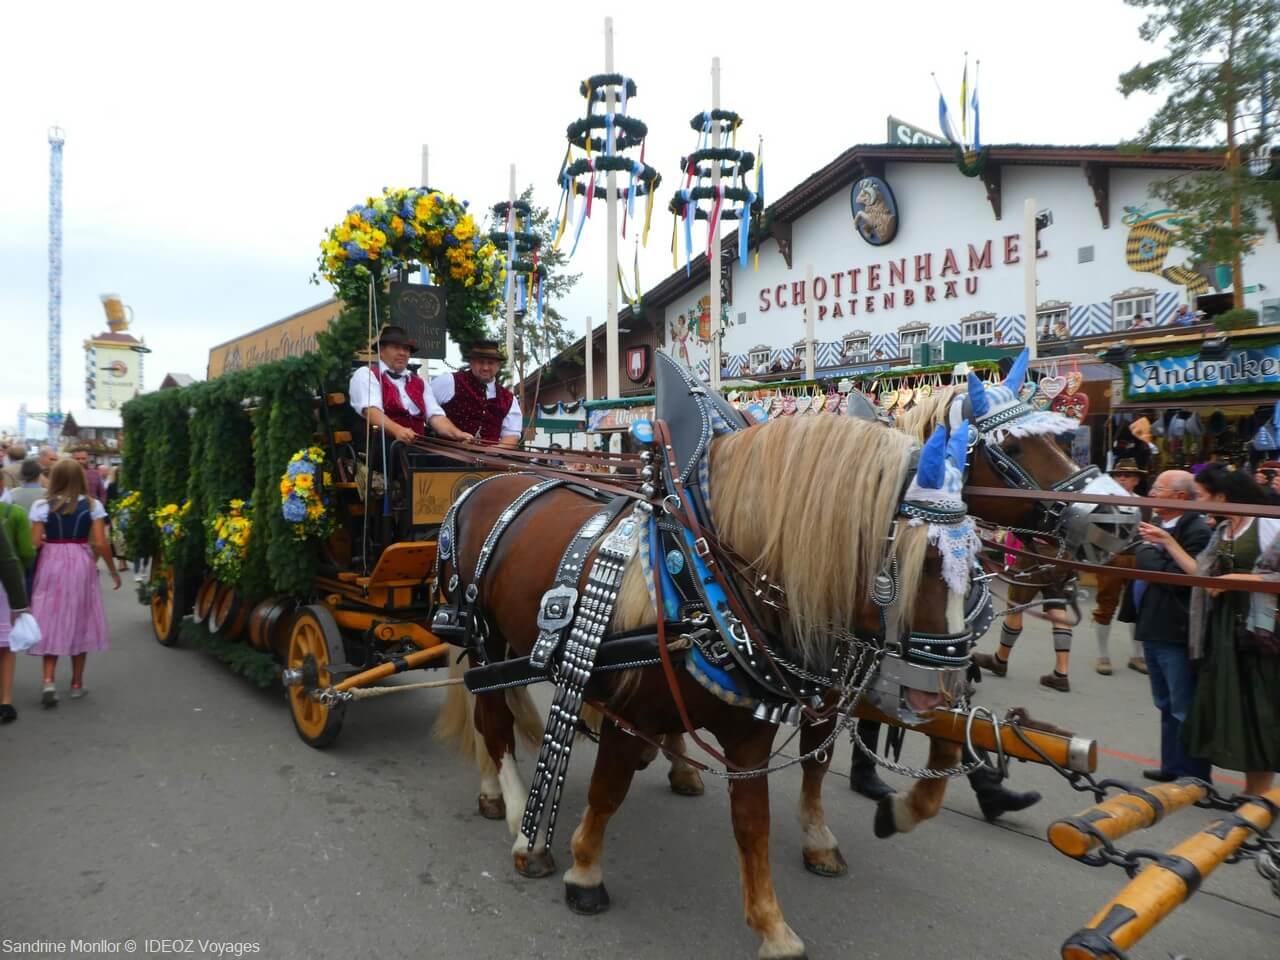 calèche fleurie avec les tonneaux de bière devant la tente Schottenhamel Spatenbrau à l'oktoberfest de munich en 2019